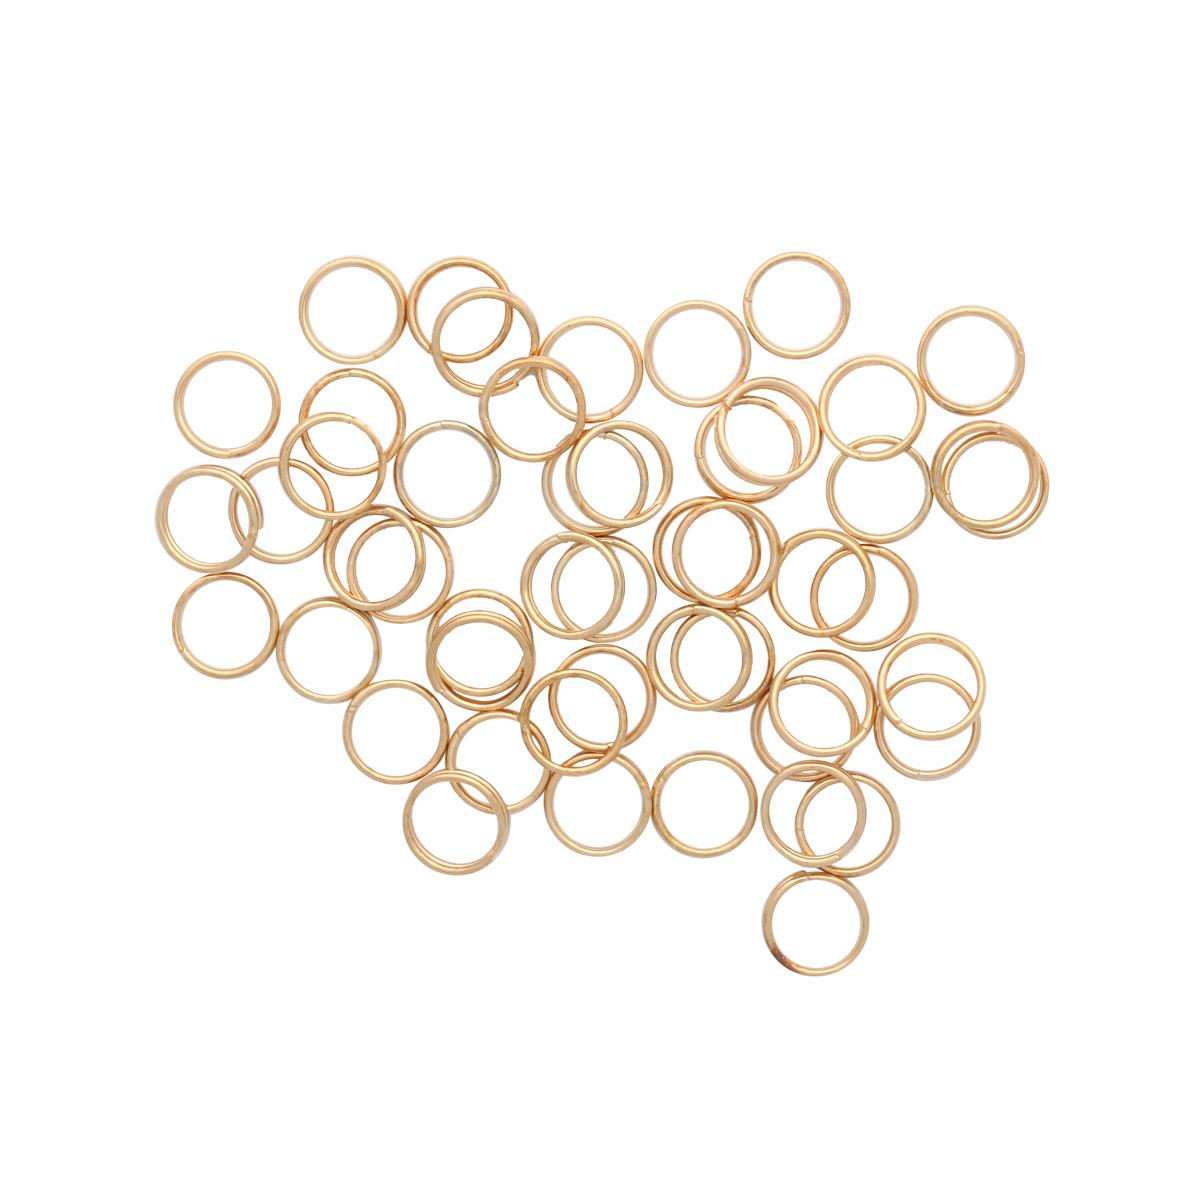 4AR255/256 Кольцо соединительное двойное, 8мм, 50шт/упак, Астра